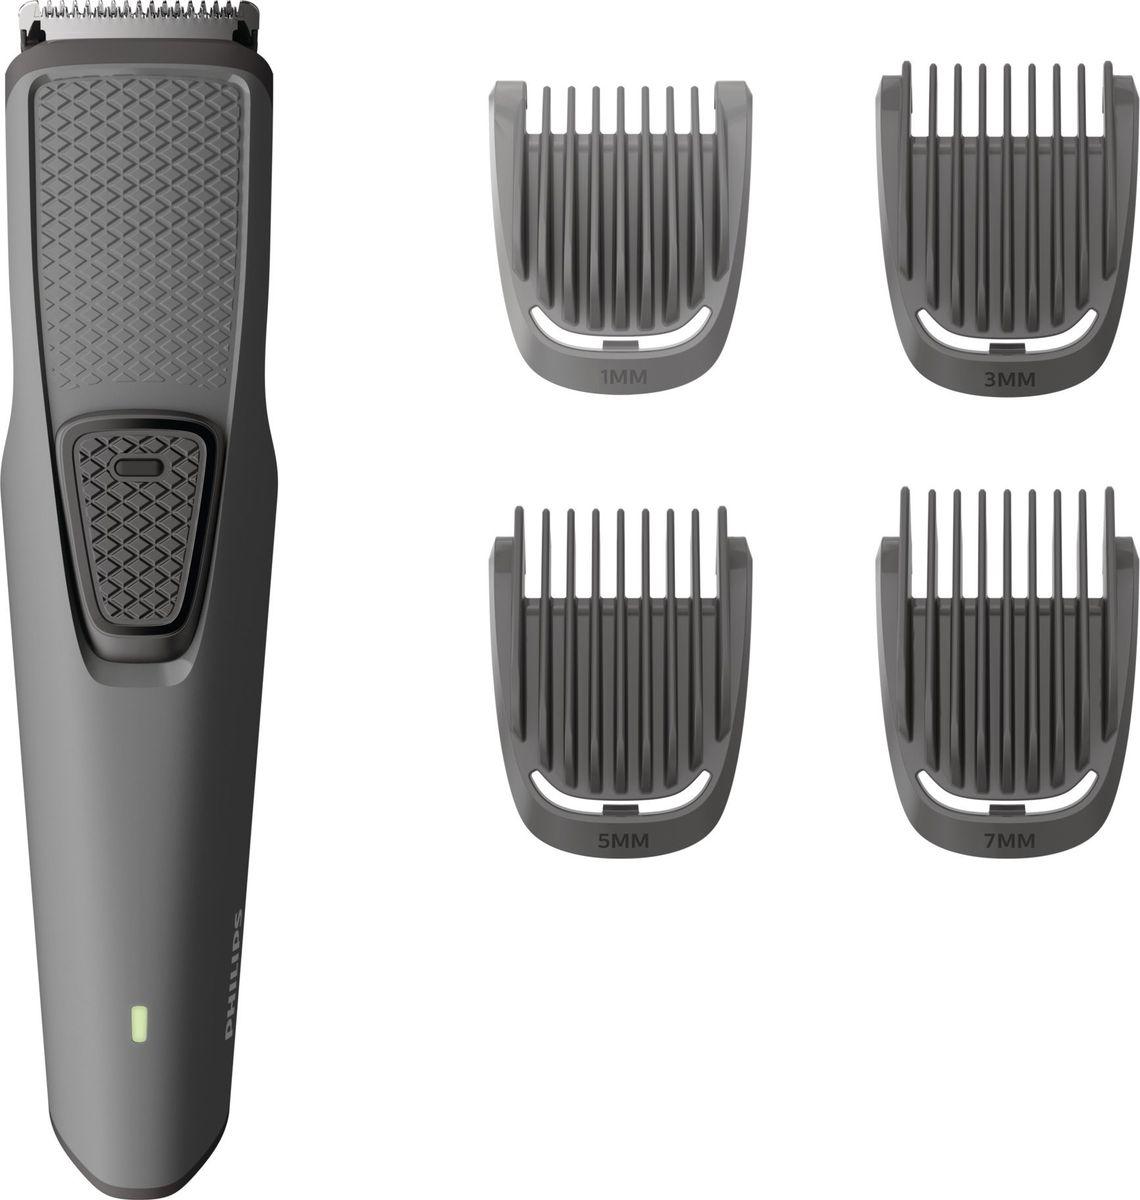 Philips BT1216/10, Dark Gray триммер для бородыBT1216/10Стабильная работа день за днём. Этот триммер предназначен для зарядки через USB-кабель, полностью заряжается в течение 8 часов и работает до 60 минут. Лезвия из нержавеющей стали с безопасными для кожи закруглёнными зубцами являются самозатачивающимися и будут работать без проблем так же, как и в 1-й день работы и не потребуют смазки в течение всего срока службы. Блокировка случайного включения и чехол буду удобны в путешествиях. Эргономичный дизайн корпуса. Легко использовать Выберите нужную длину: подравняйте бороду до 1/3/5/7 мм или до минимальной длины До 60 минут автономной работы после 8 часов зарядки Удобная зарядка через USB Индикаторы уведомляют о низком уровне заряда аккумулятора, а также о выполнении зарядкиСъемная насадка упрощает очистку